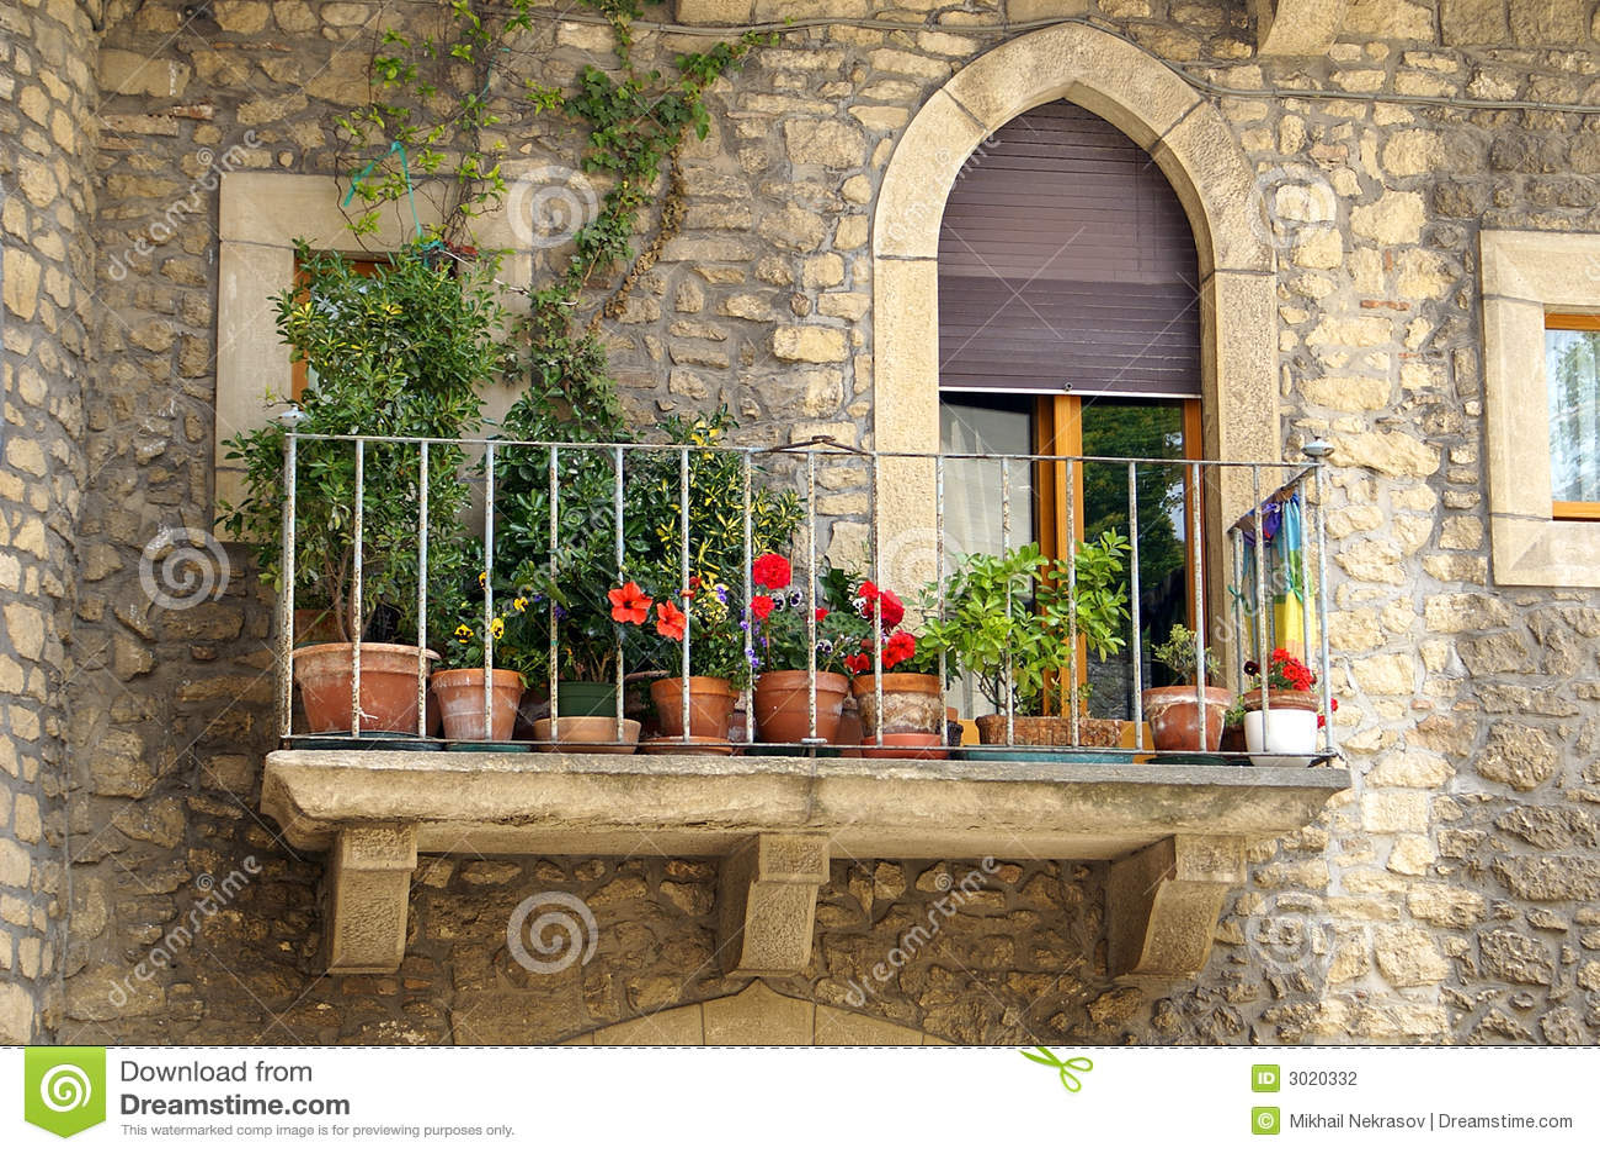 Balkon Asiatisch balkon asiatisch myhausdesign co